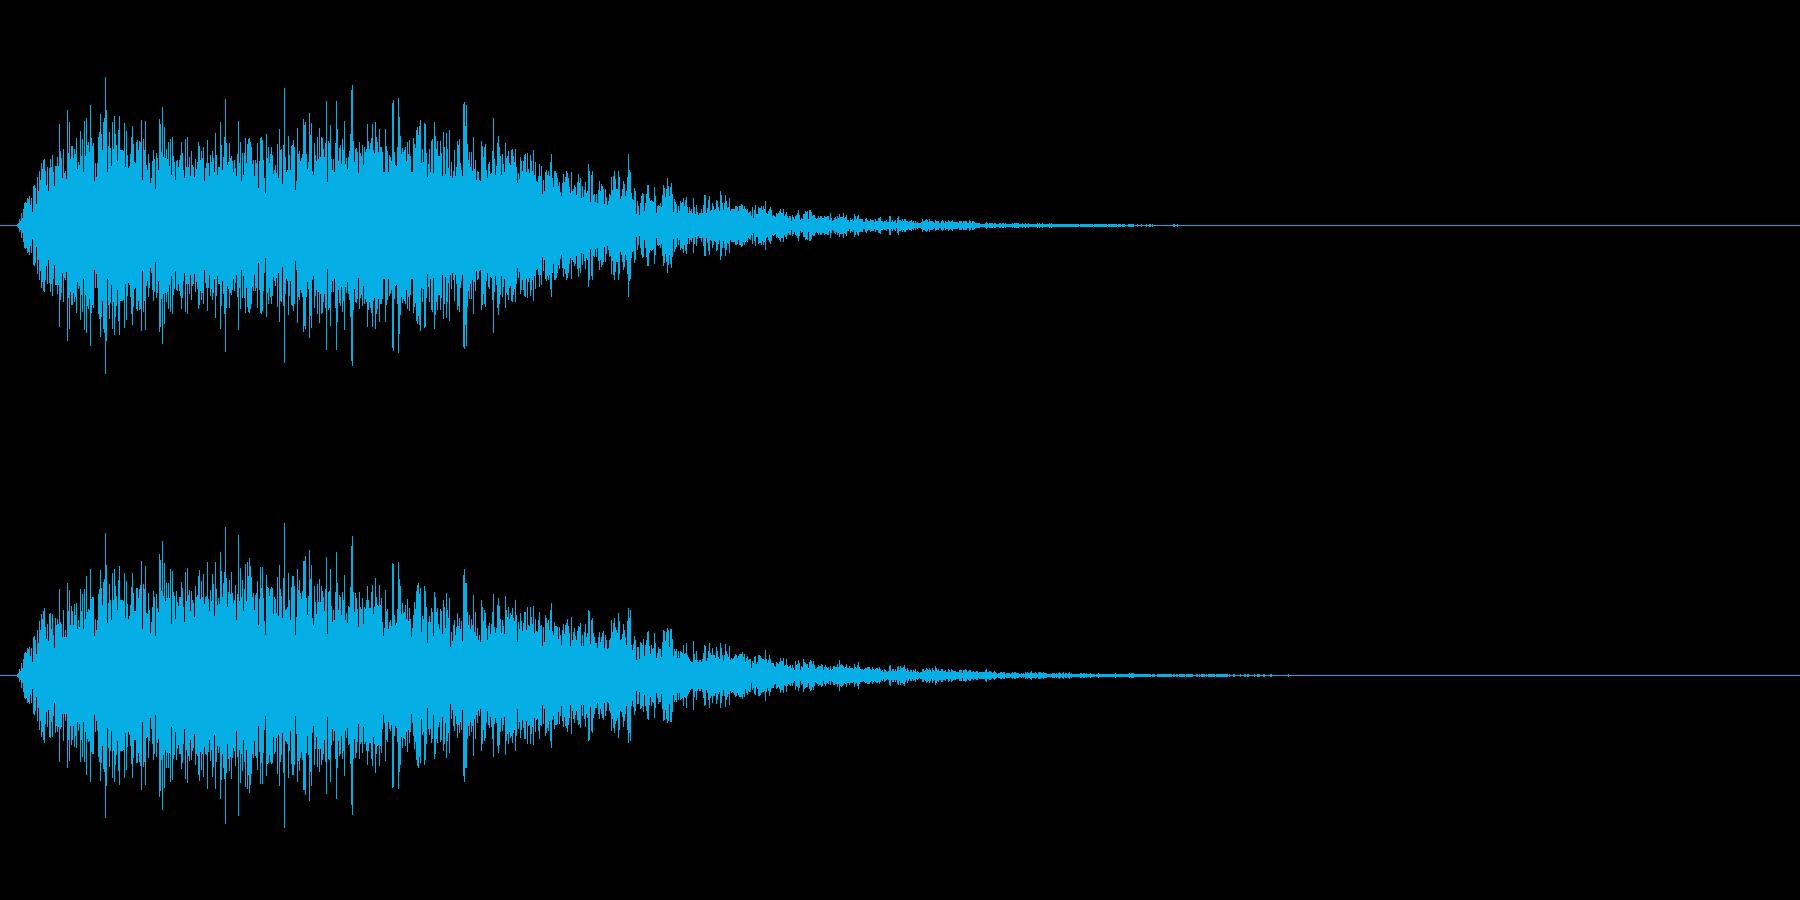 【風魔法】ビュウゥゥ〜 規模(大)短めの再生済みの波形